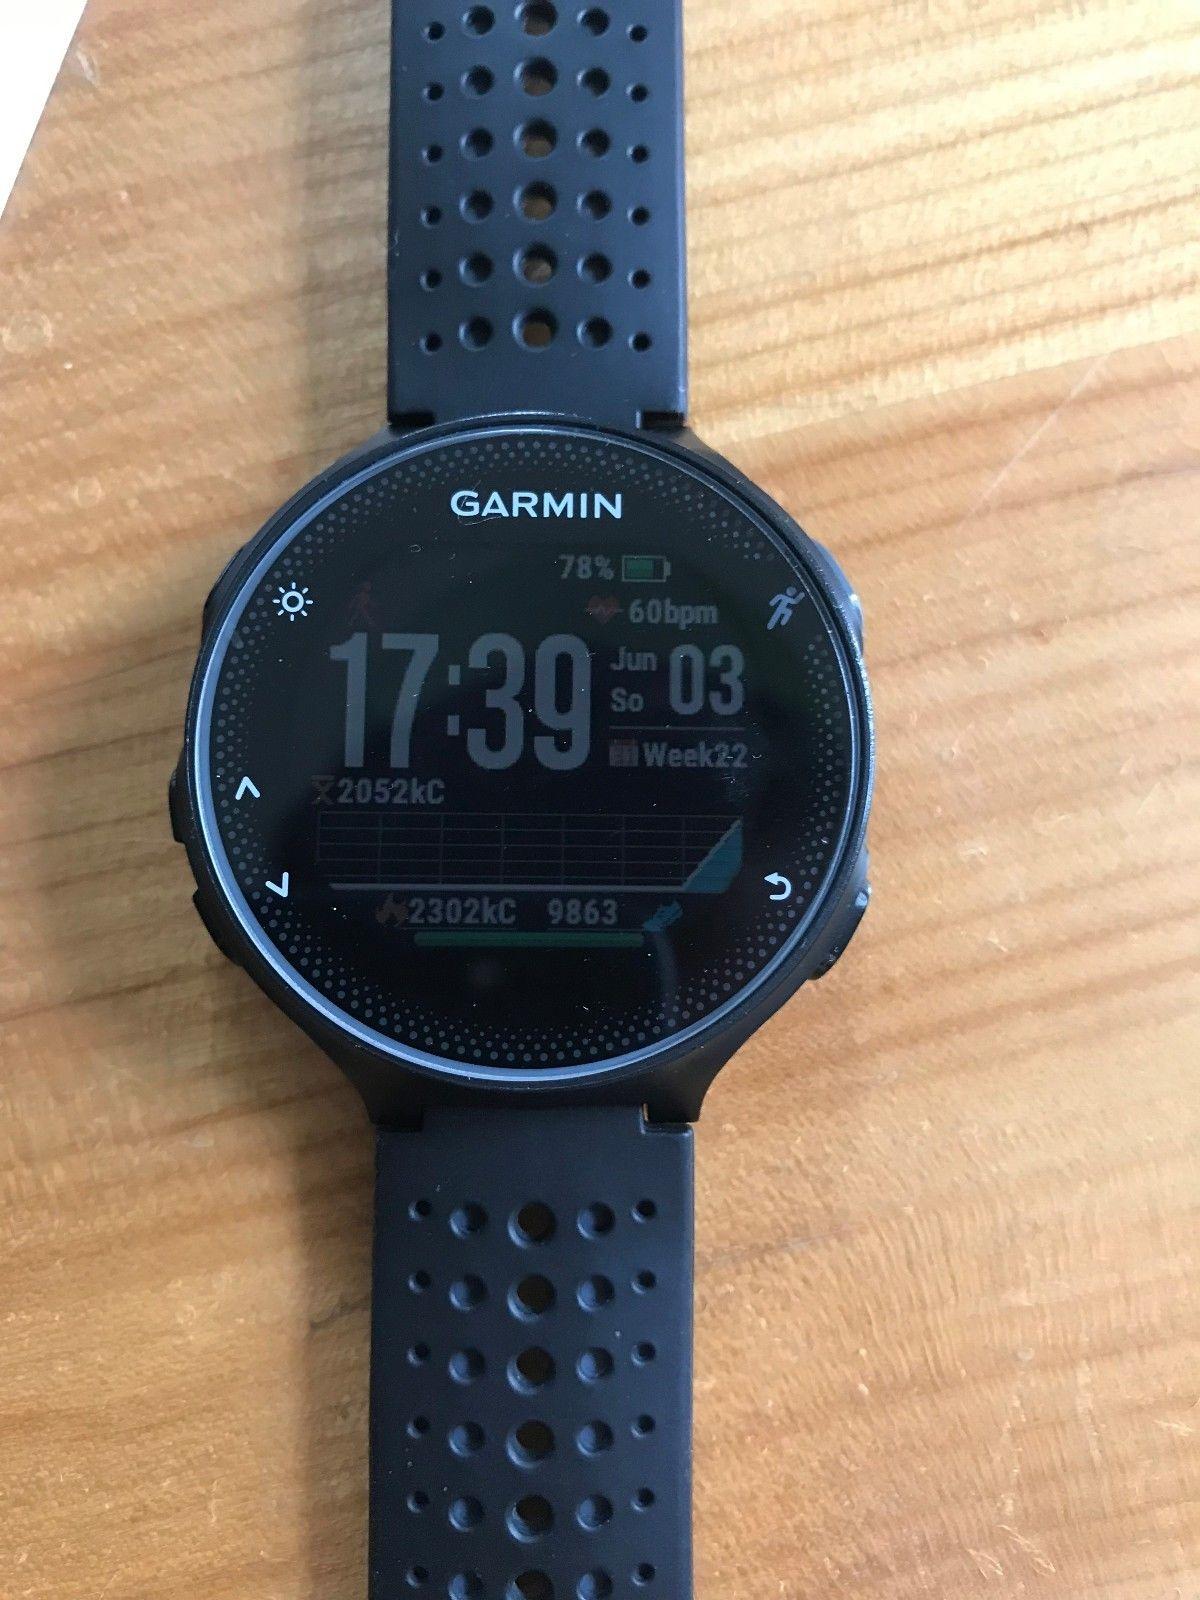 Garmin Forerunner 235 WHR Laufuhr GPS schwarz/grau - Superzustand! in OVP